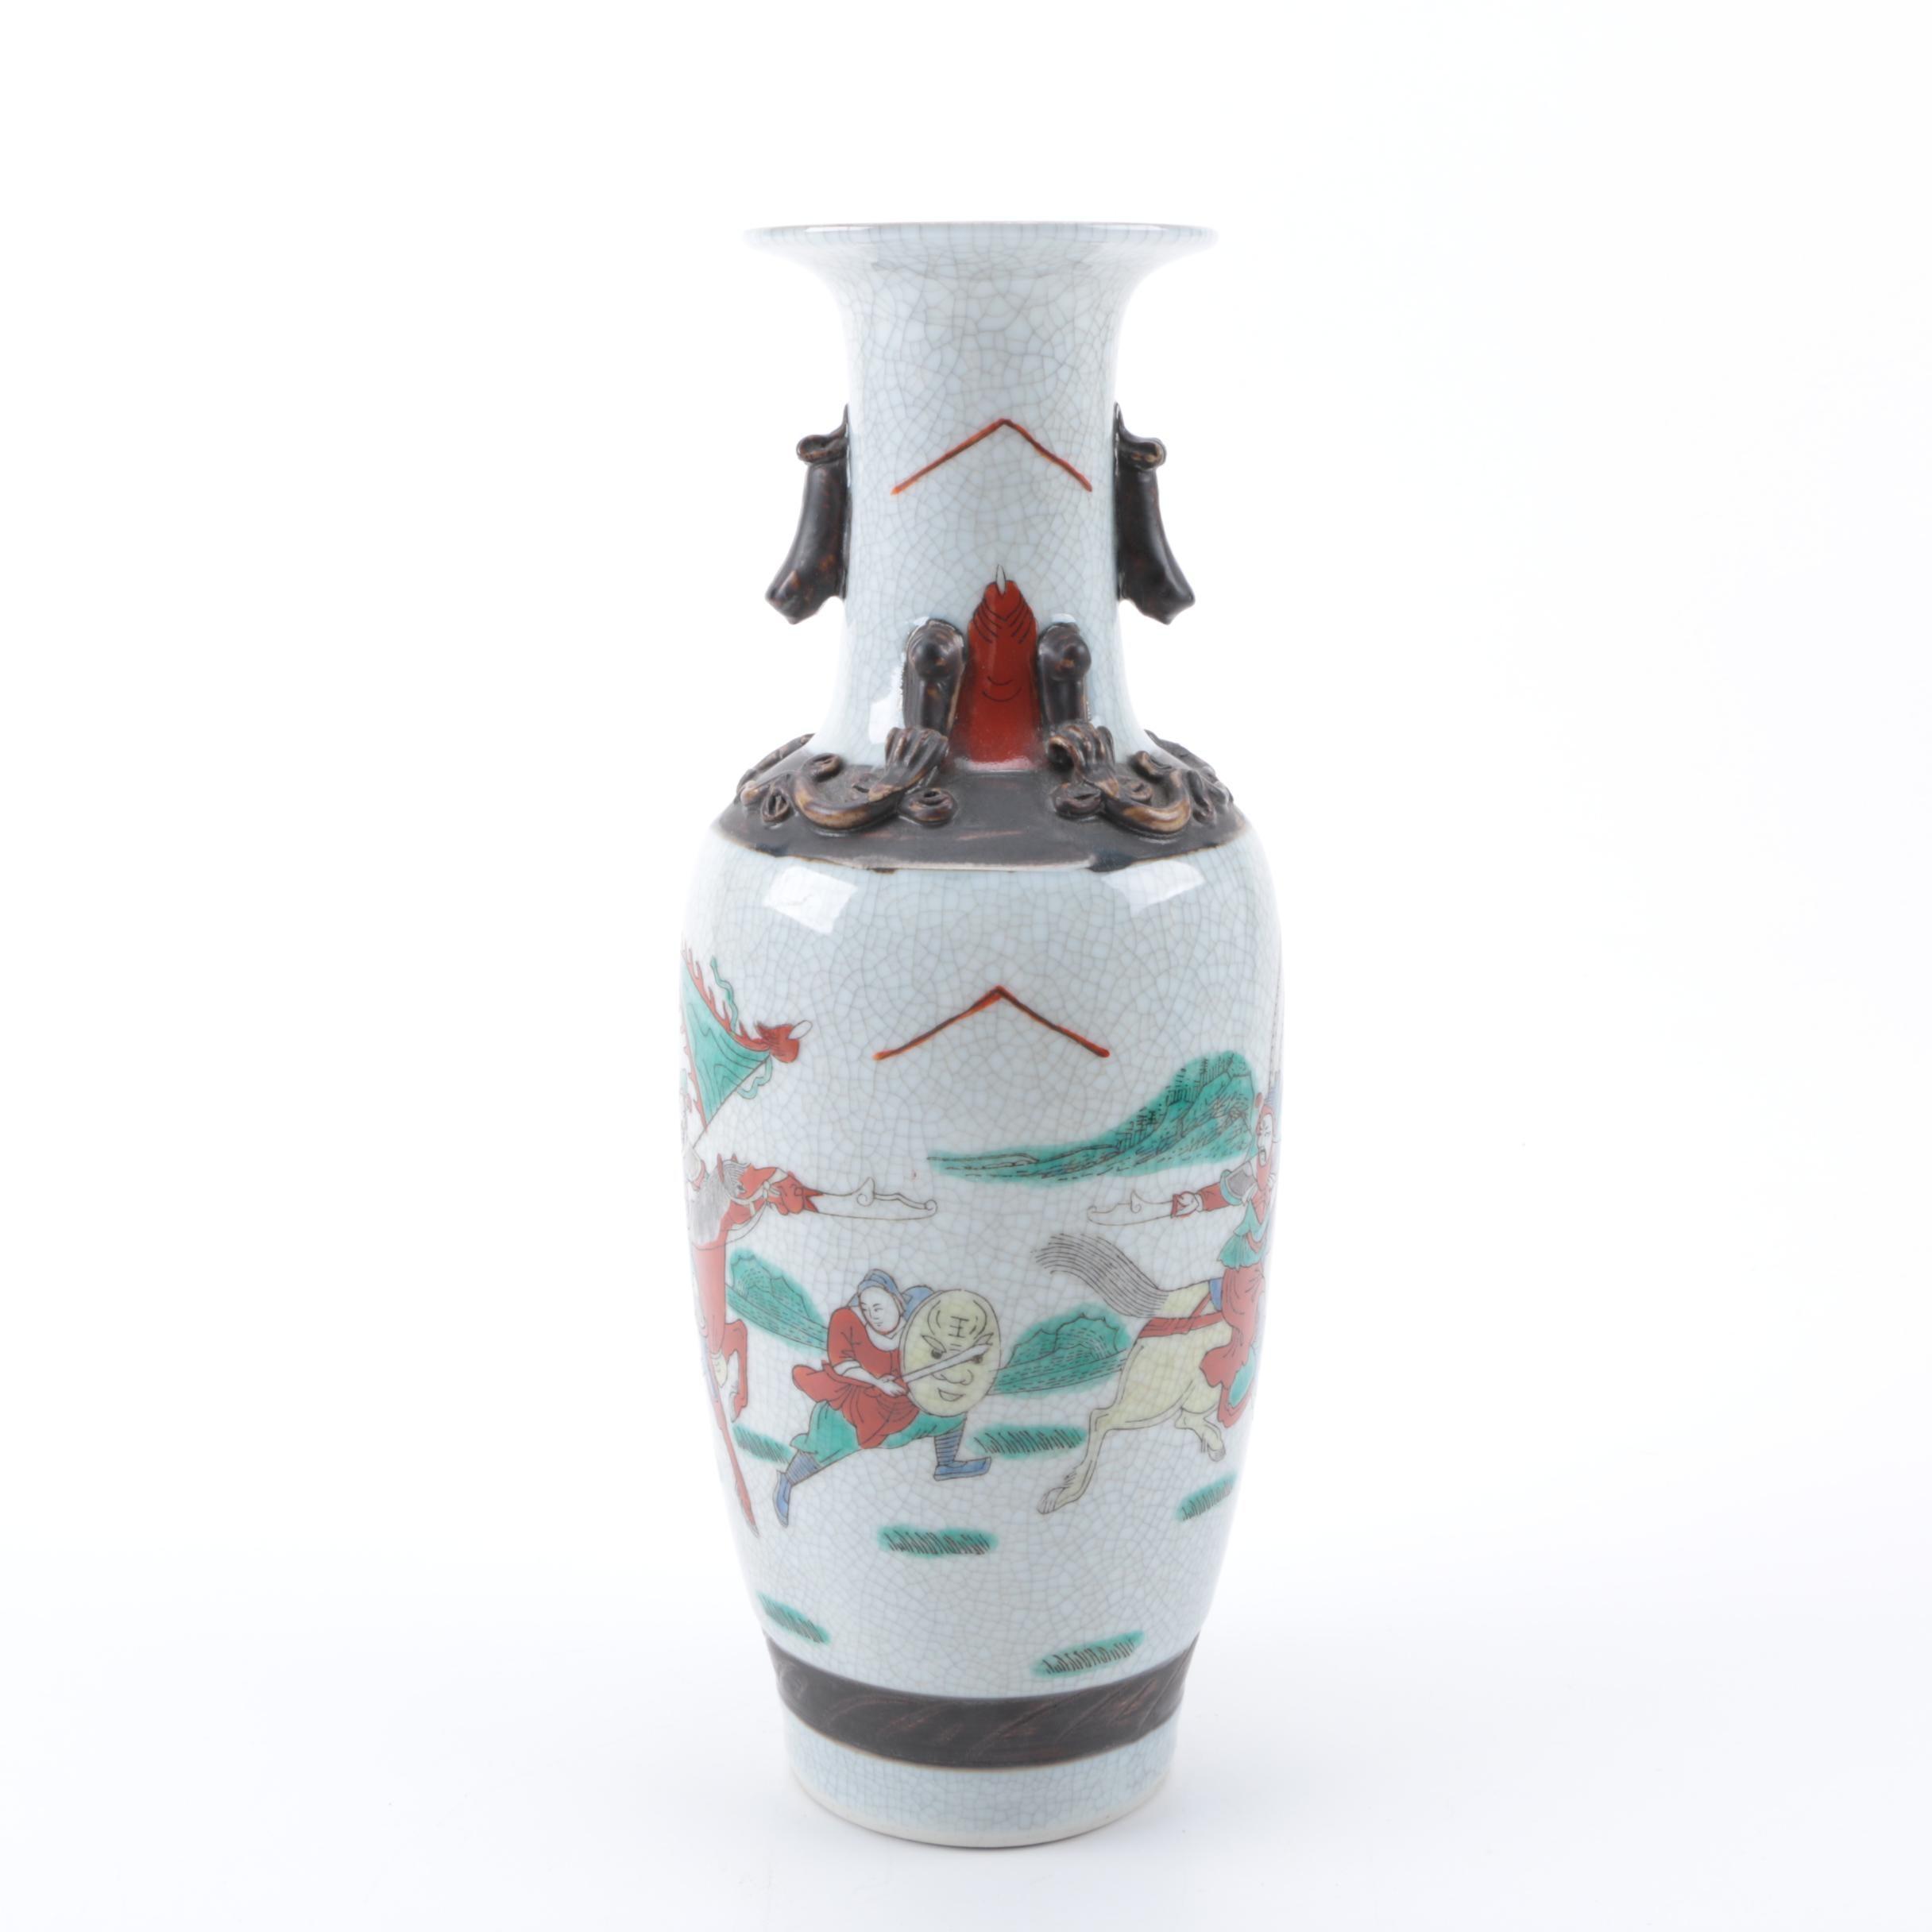 Hand Painted Chinese Ceramic Vase